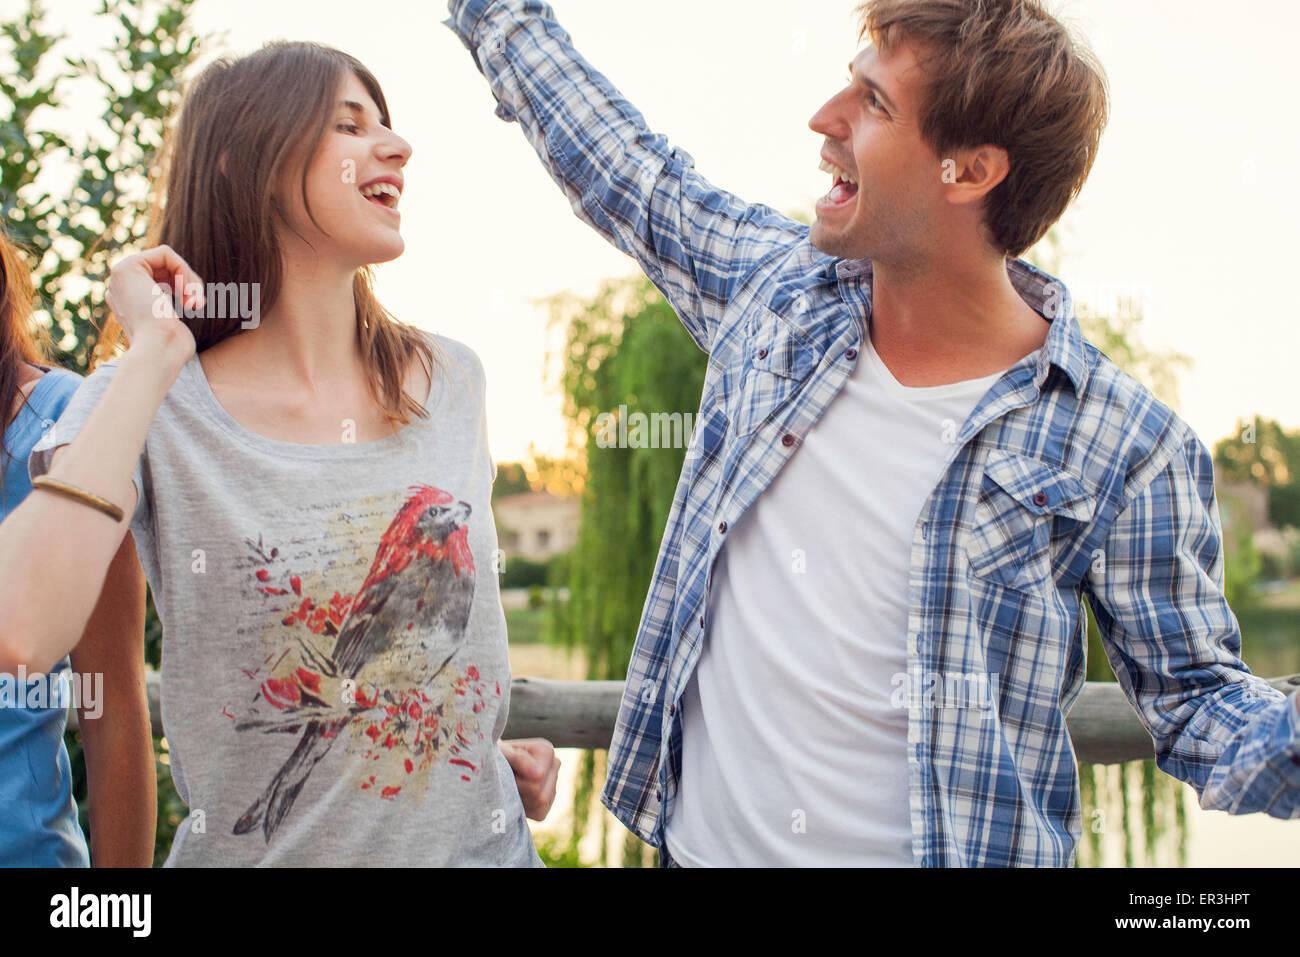 Amigos bailando juntos al aire libre Foto de stock